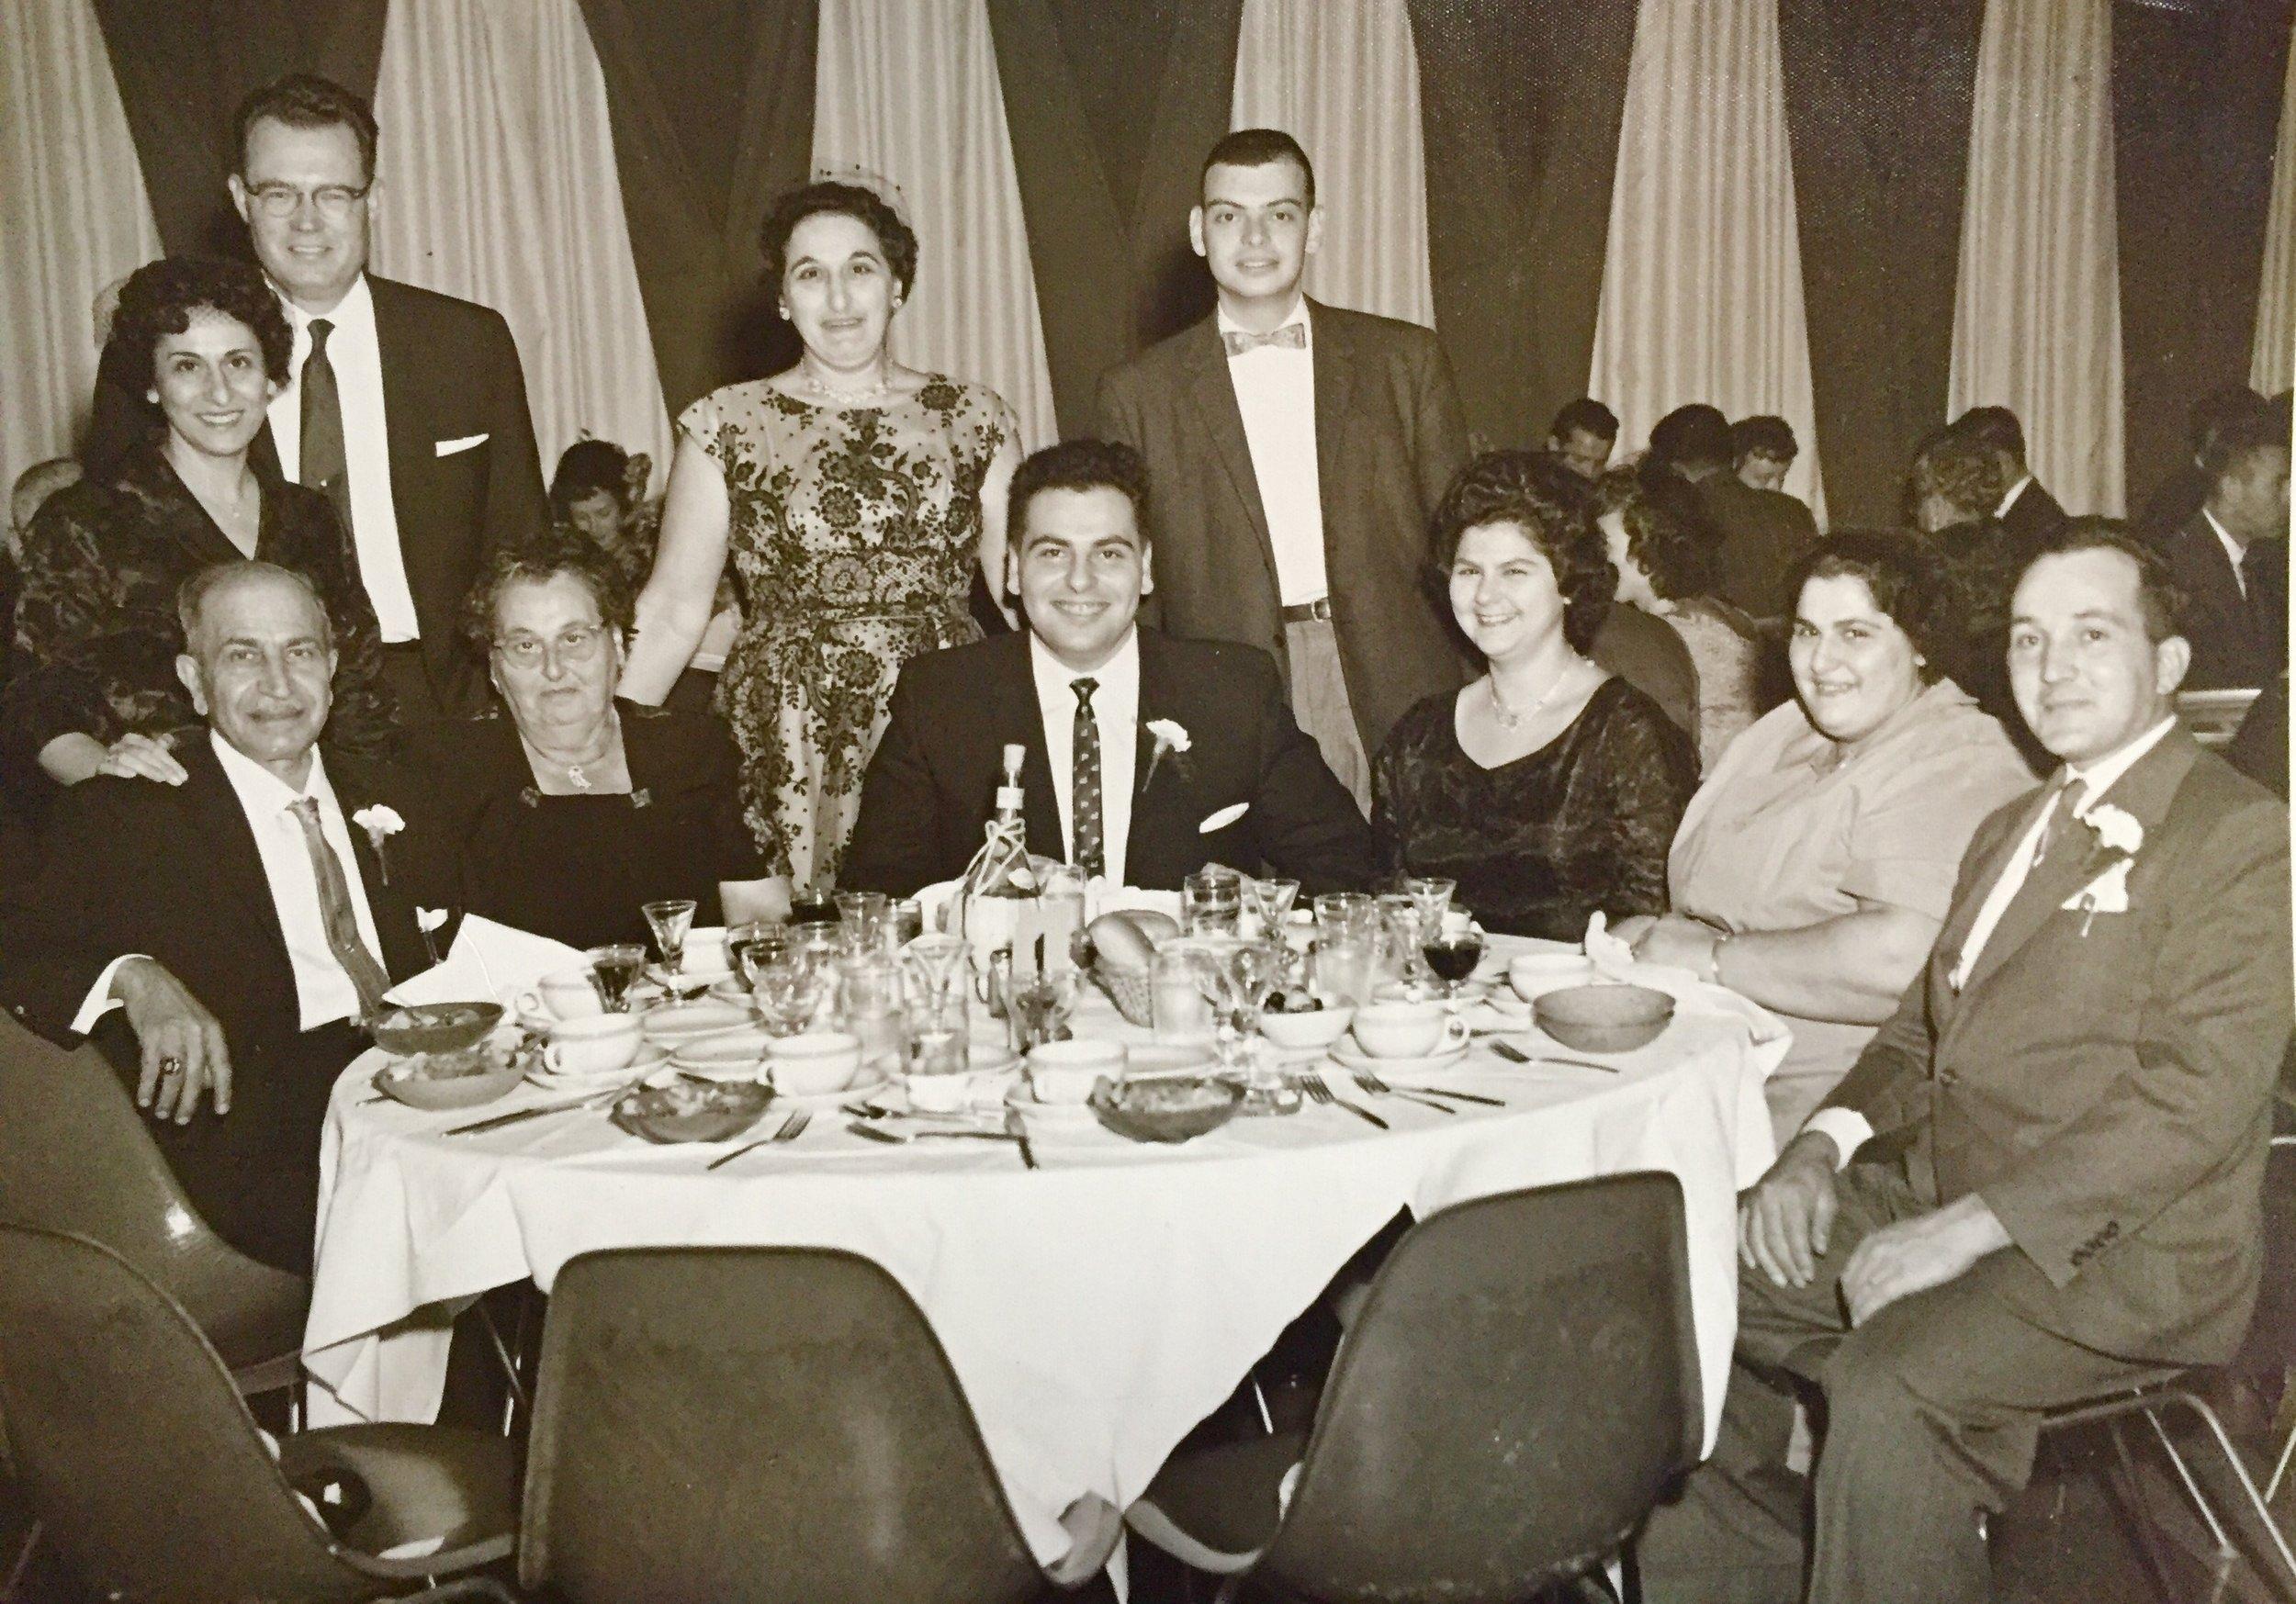 The Bifano Family, 1972